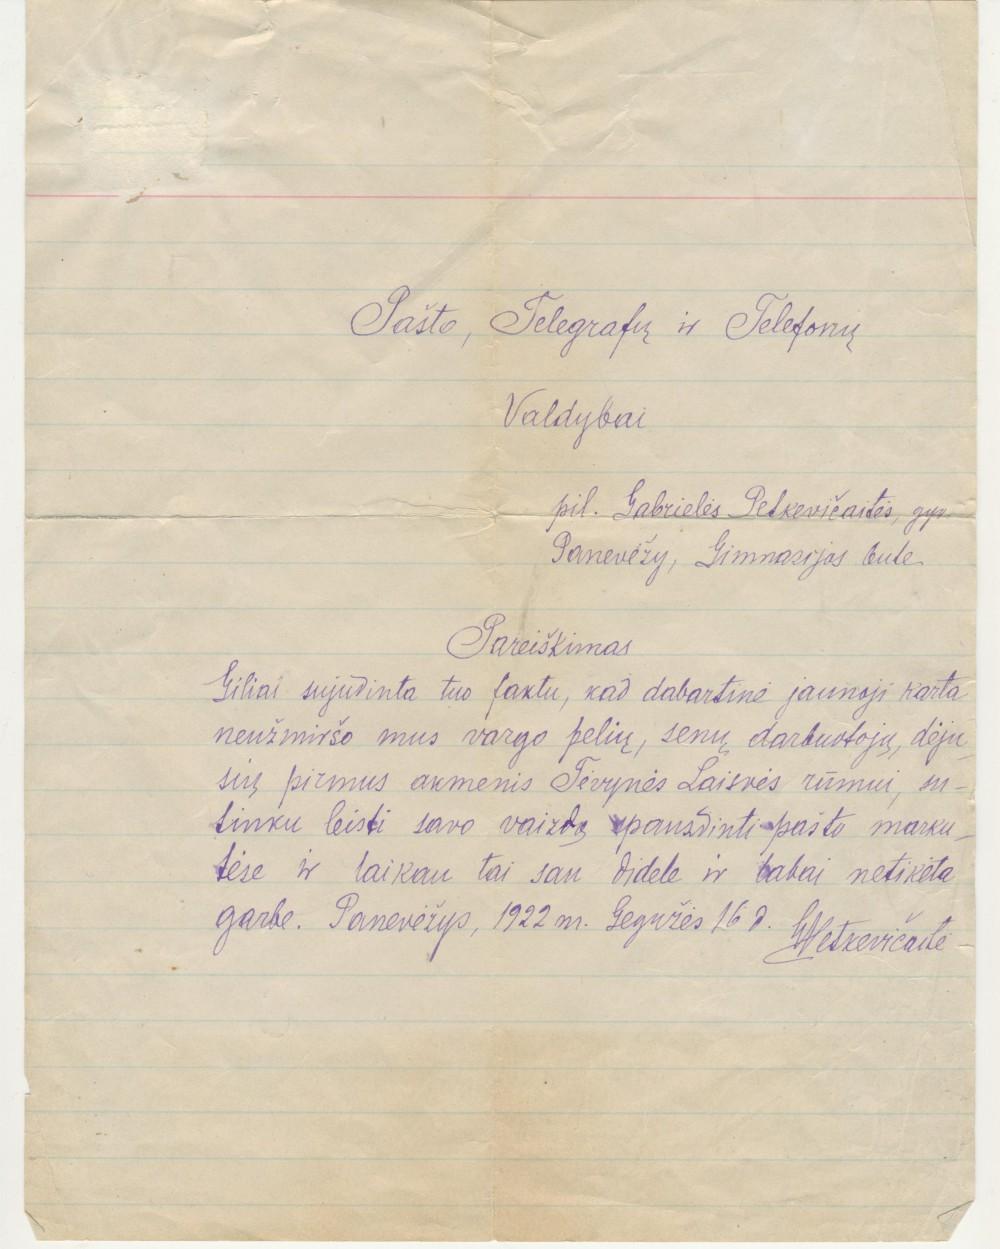 G. Petkevičaitės laiškas Pašto valdybai. 1922 m. gegužės 16 d.